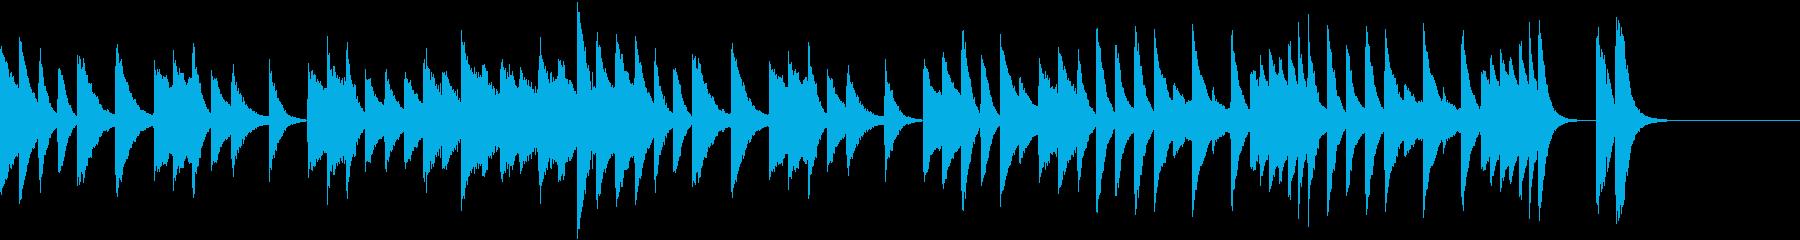 お茶目な雰囲気の歯切れ良いピアノジングルの再生済みの波形